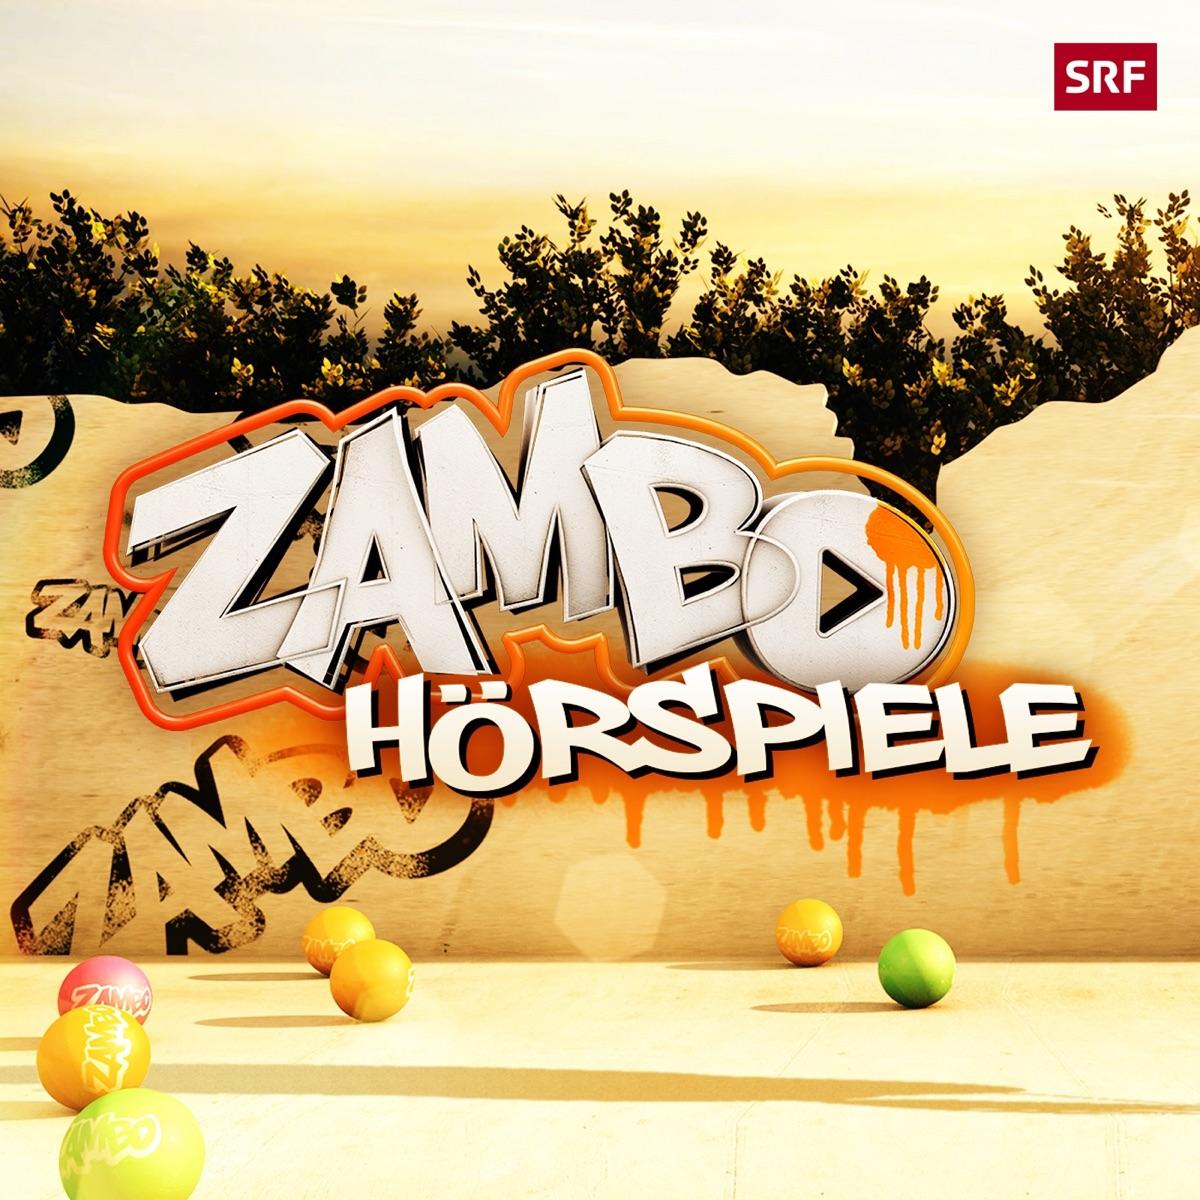 Zambo Hörspiele für Kinder